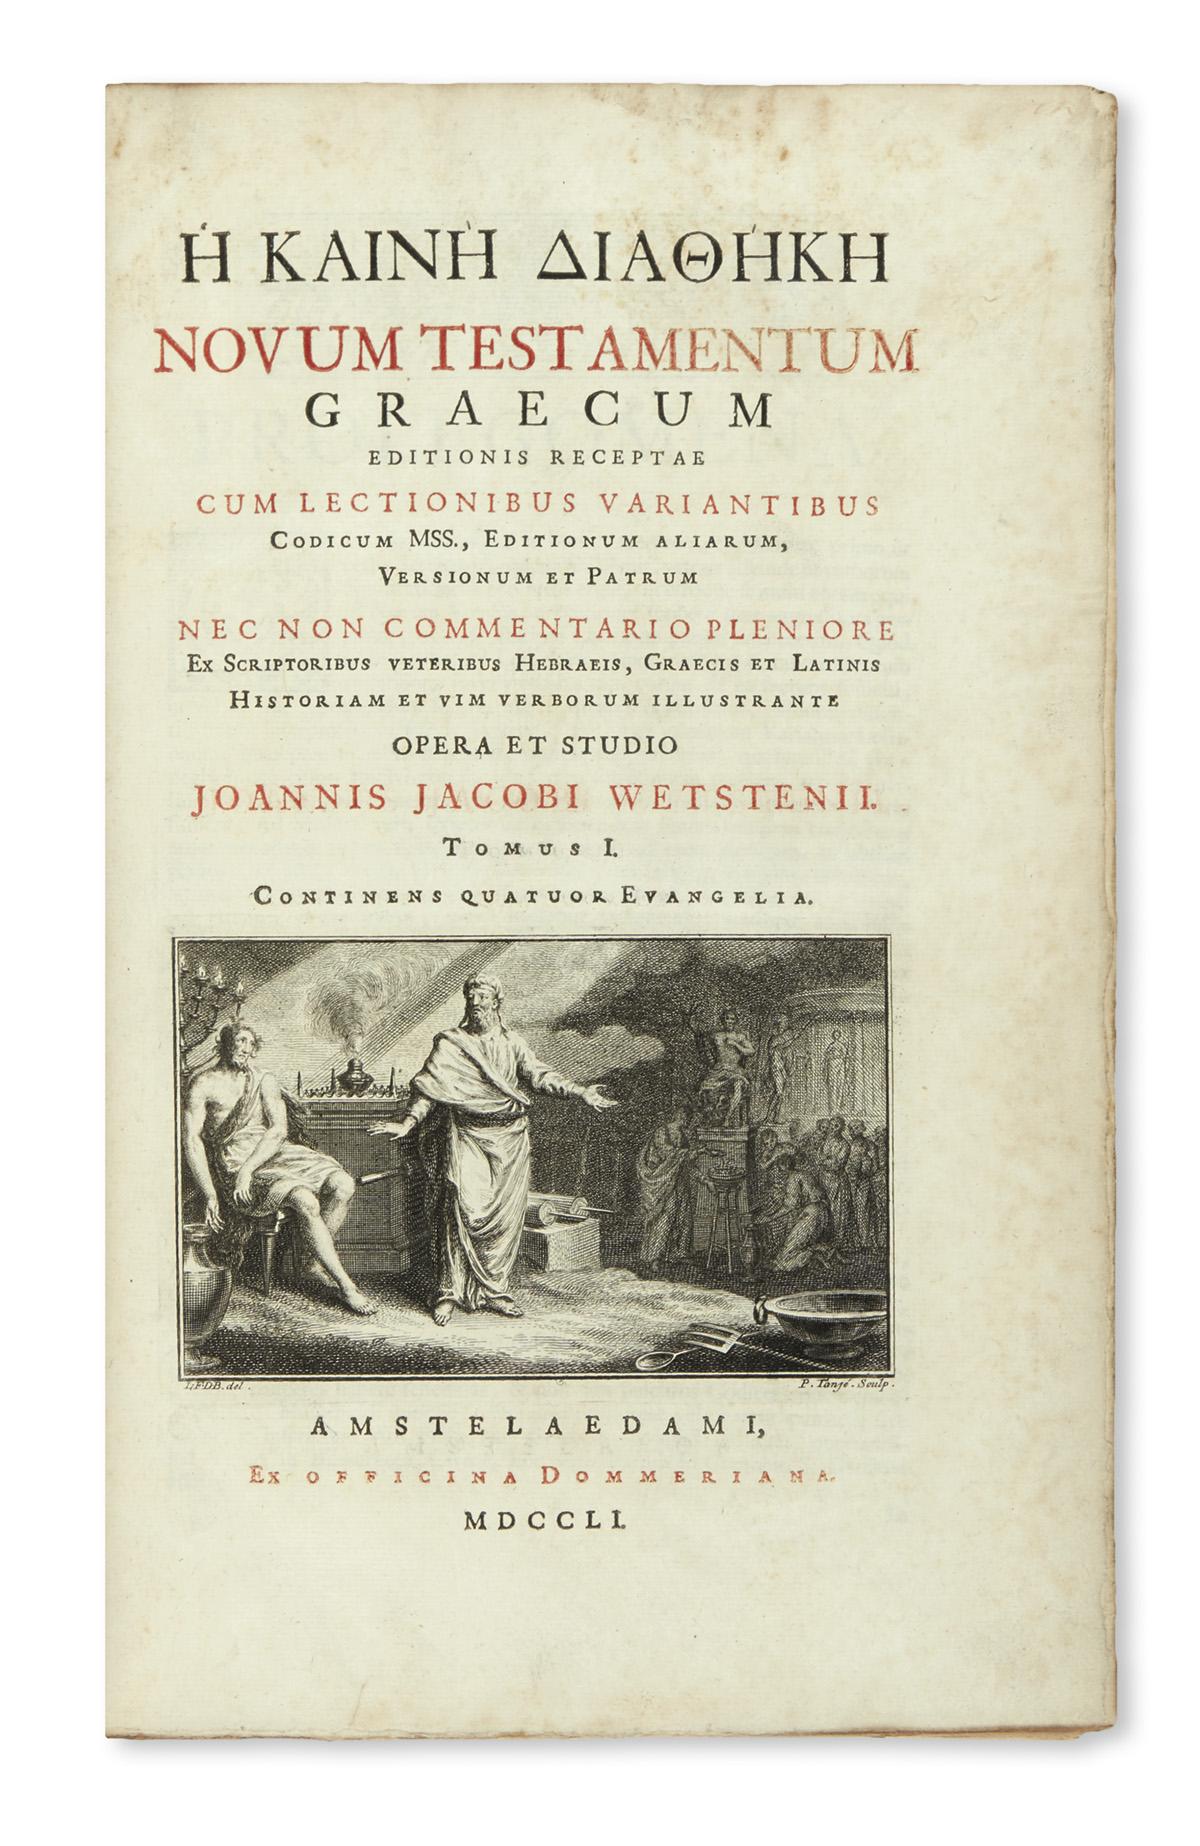 BIBLE-IN-GREEK--He-Kaine-Diatheke-Novum-testamentum-Graecum-